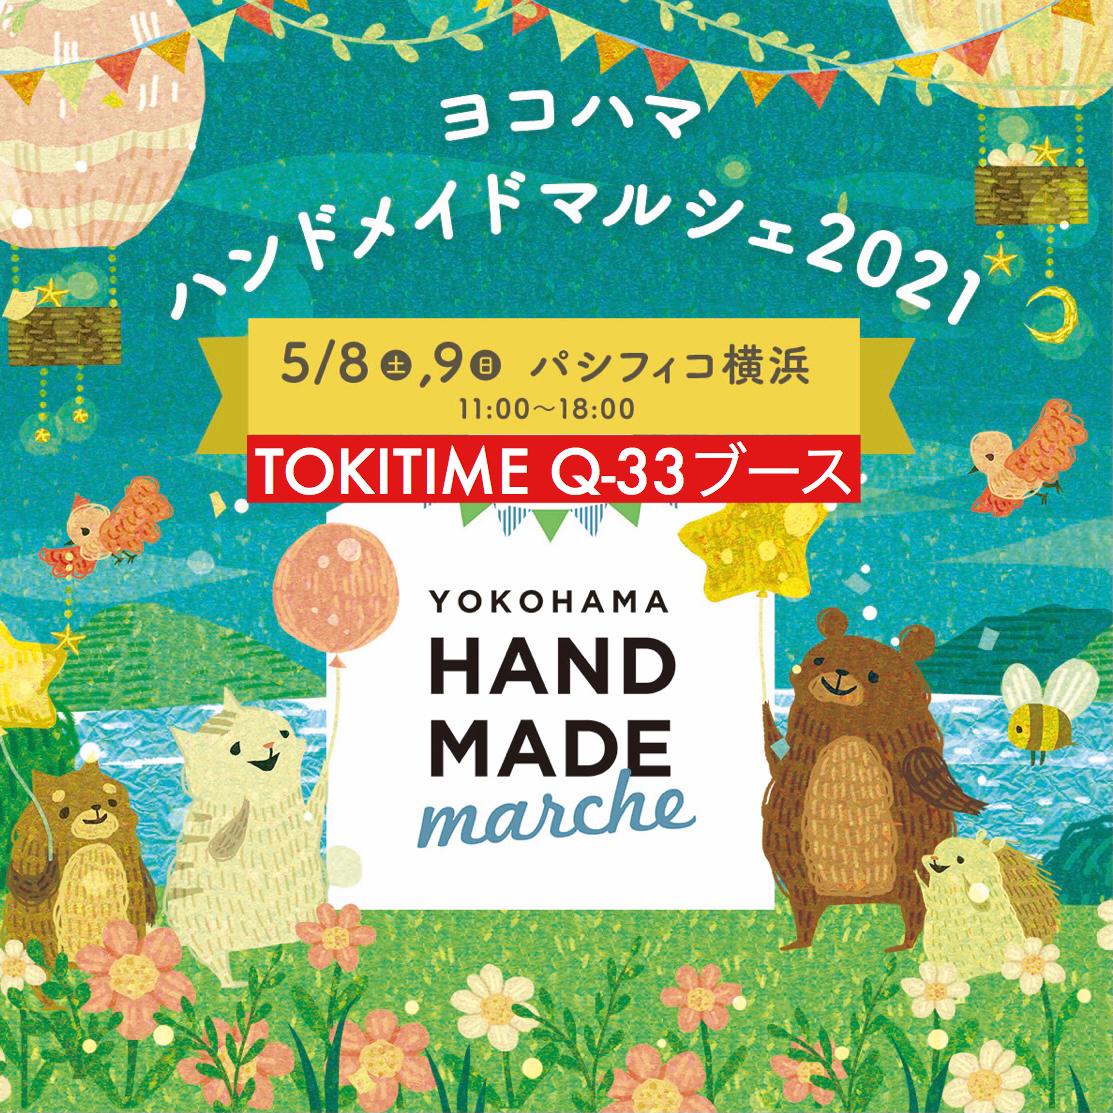 5/8(金)、5/9(土)にパシフィコ横浜にて開催されるヨコハマハンドメイドマルシェに出店します